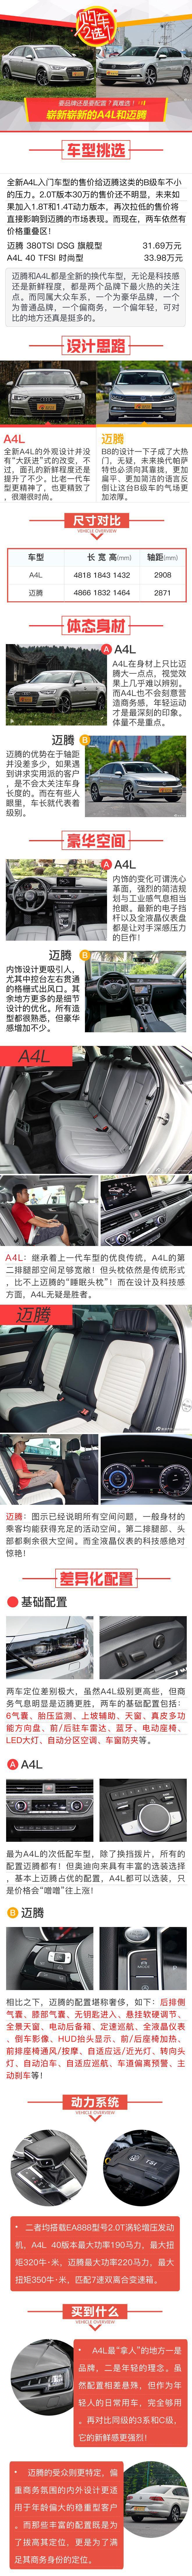 购车二选一:崭新崭新的A4L和迈腾该选谁?